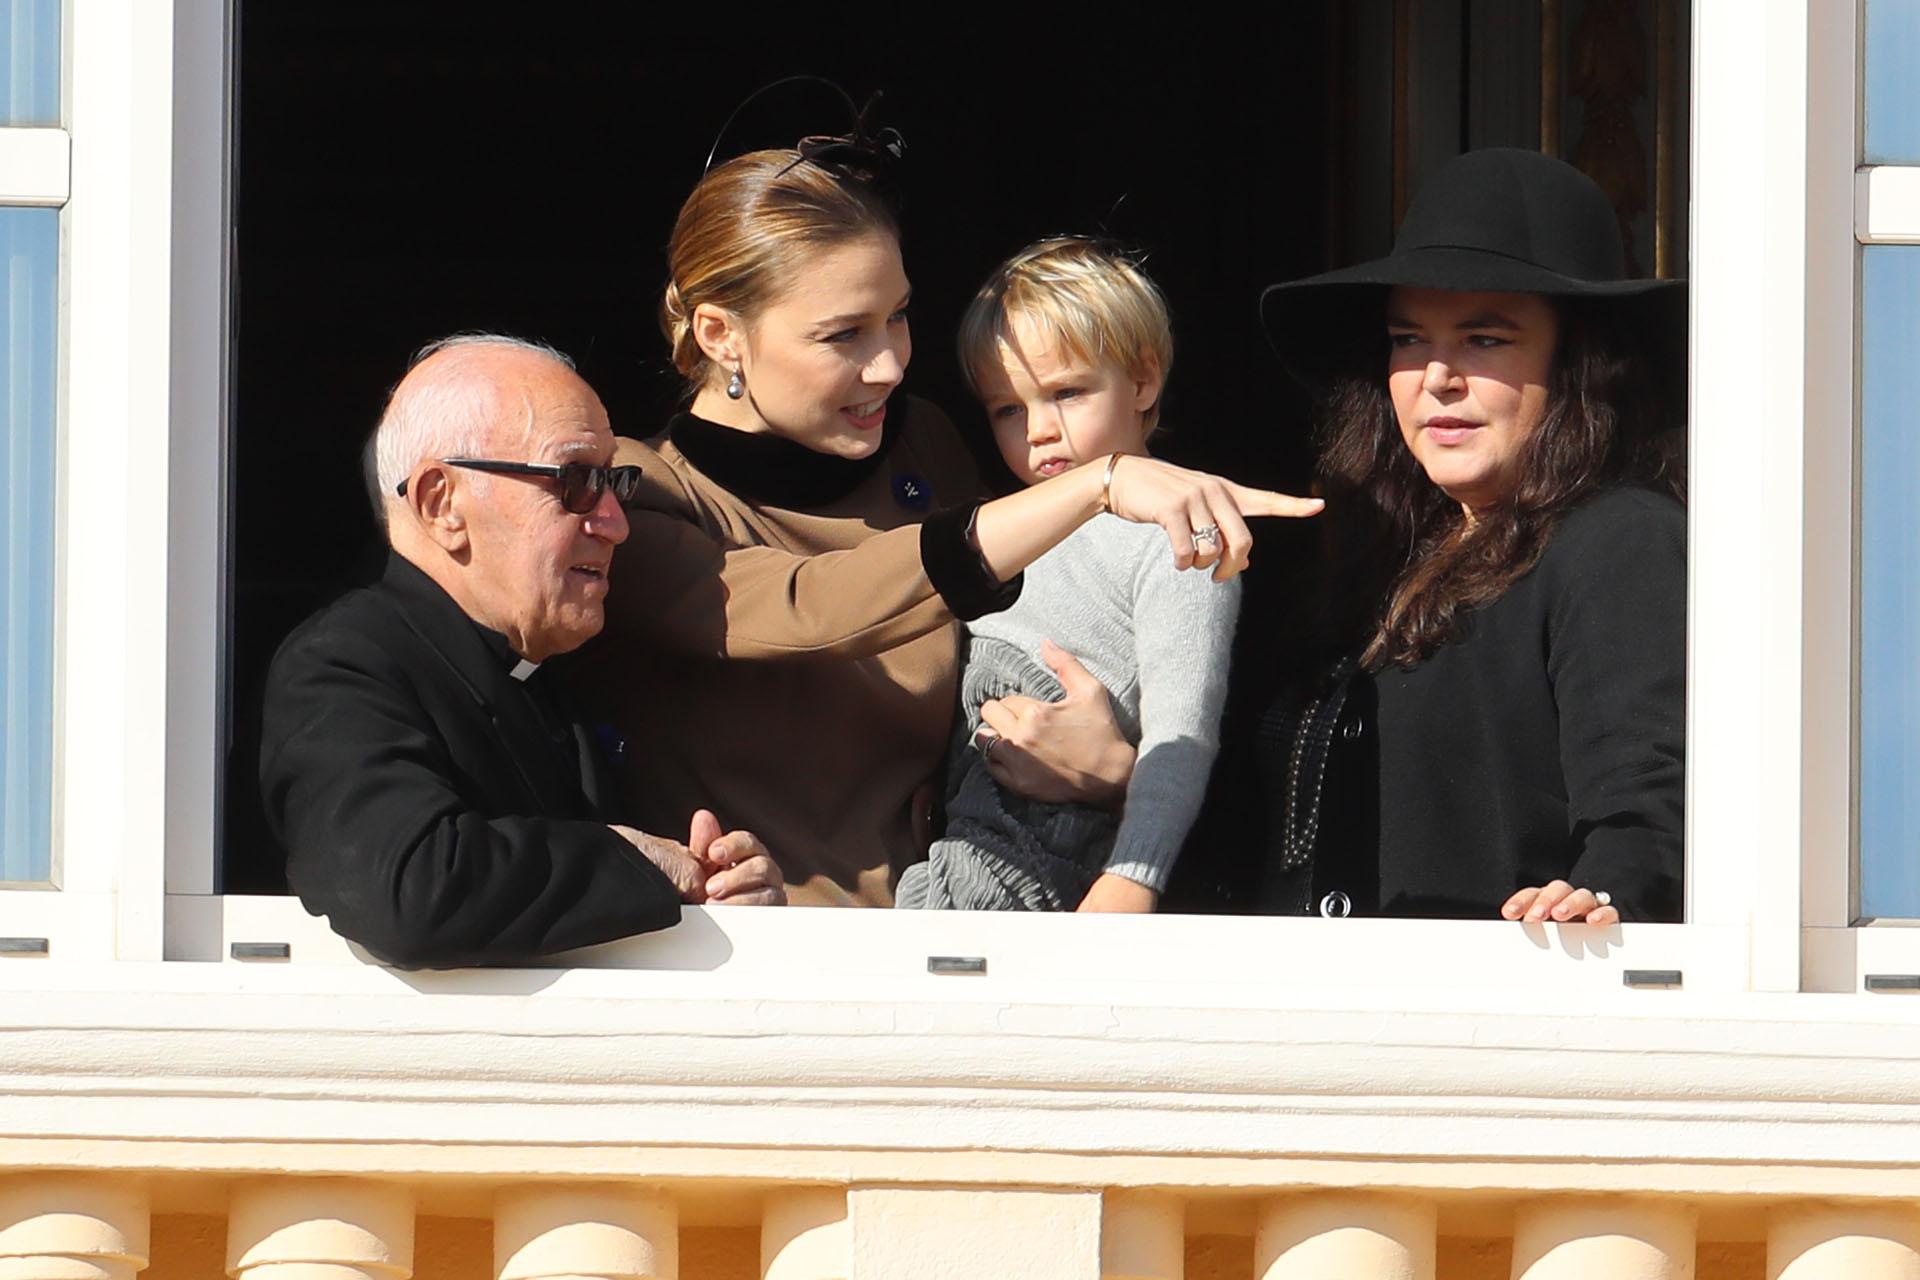 Beatrice Borromeo en el balcón del Palacio Real